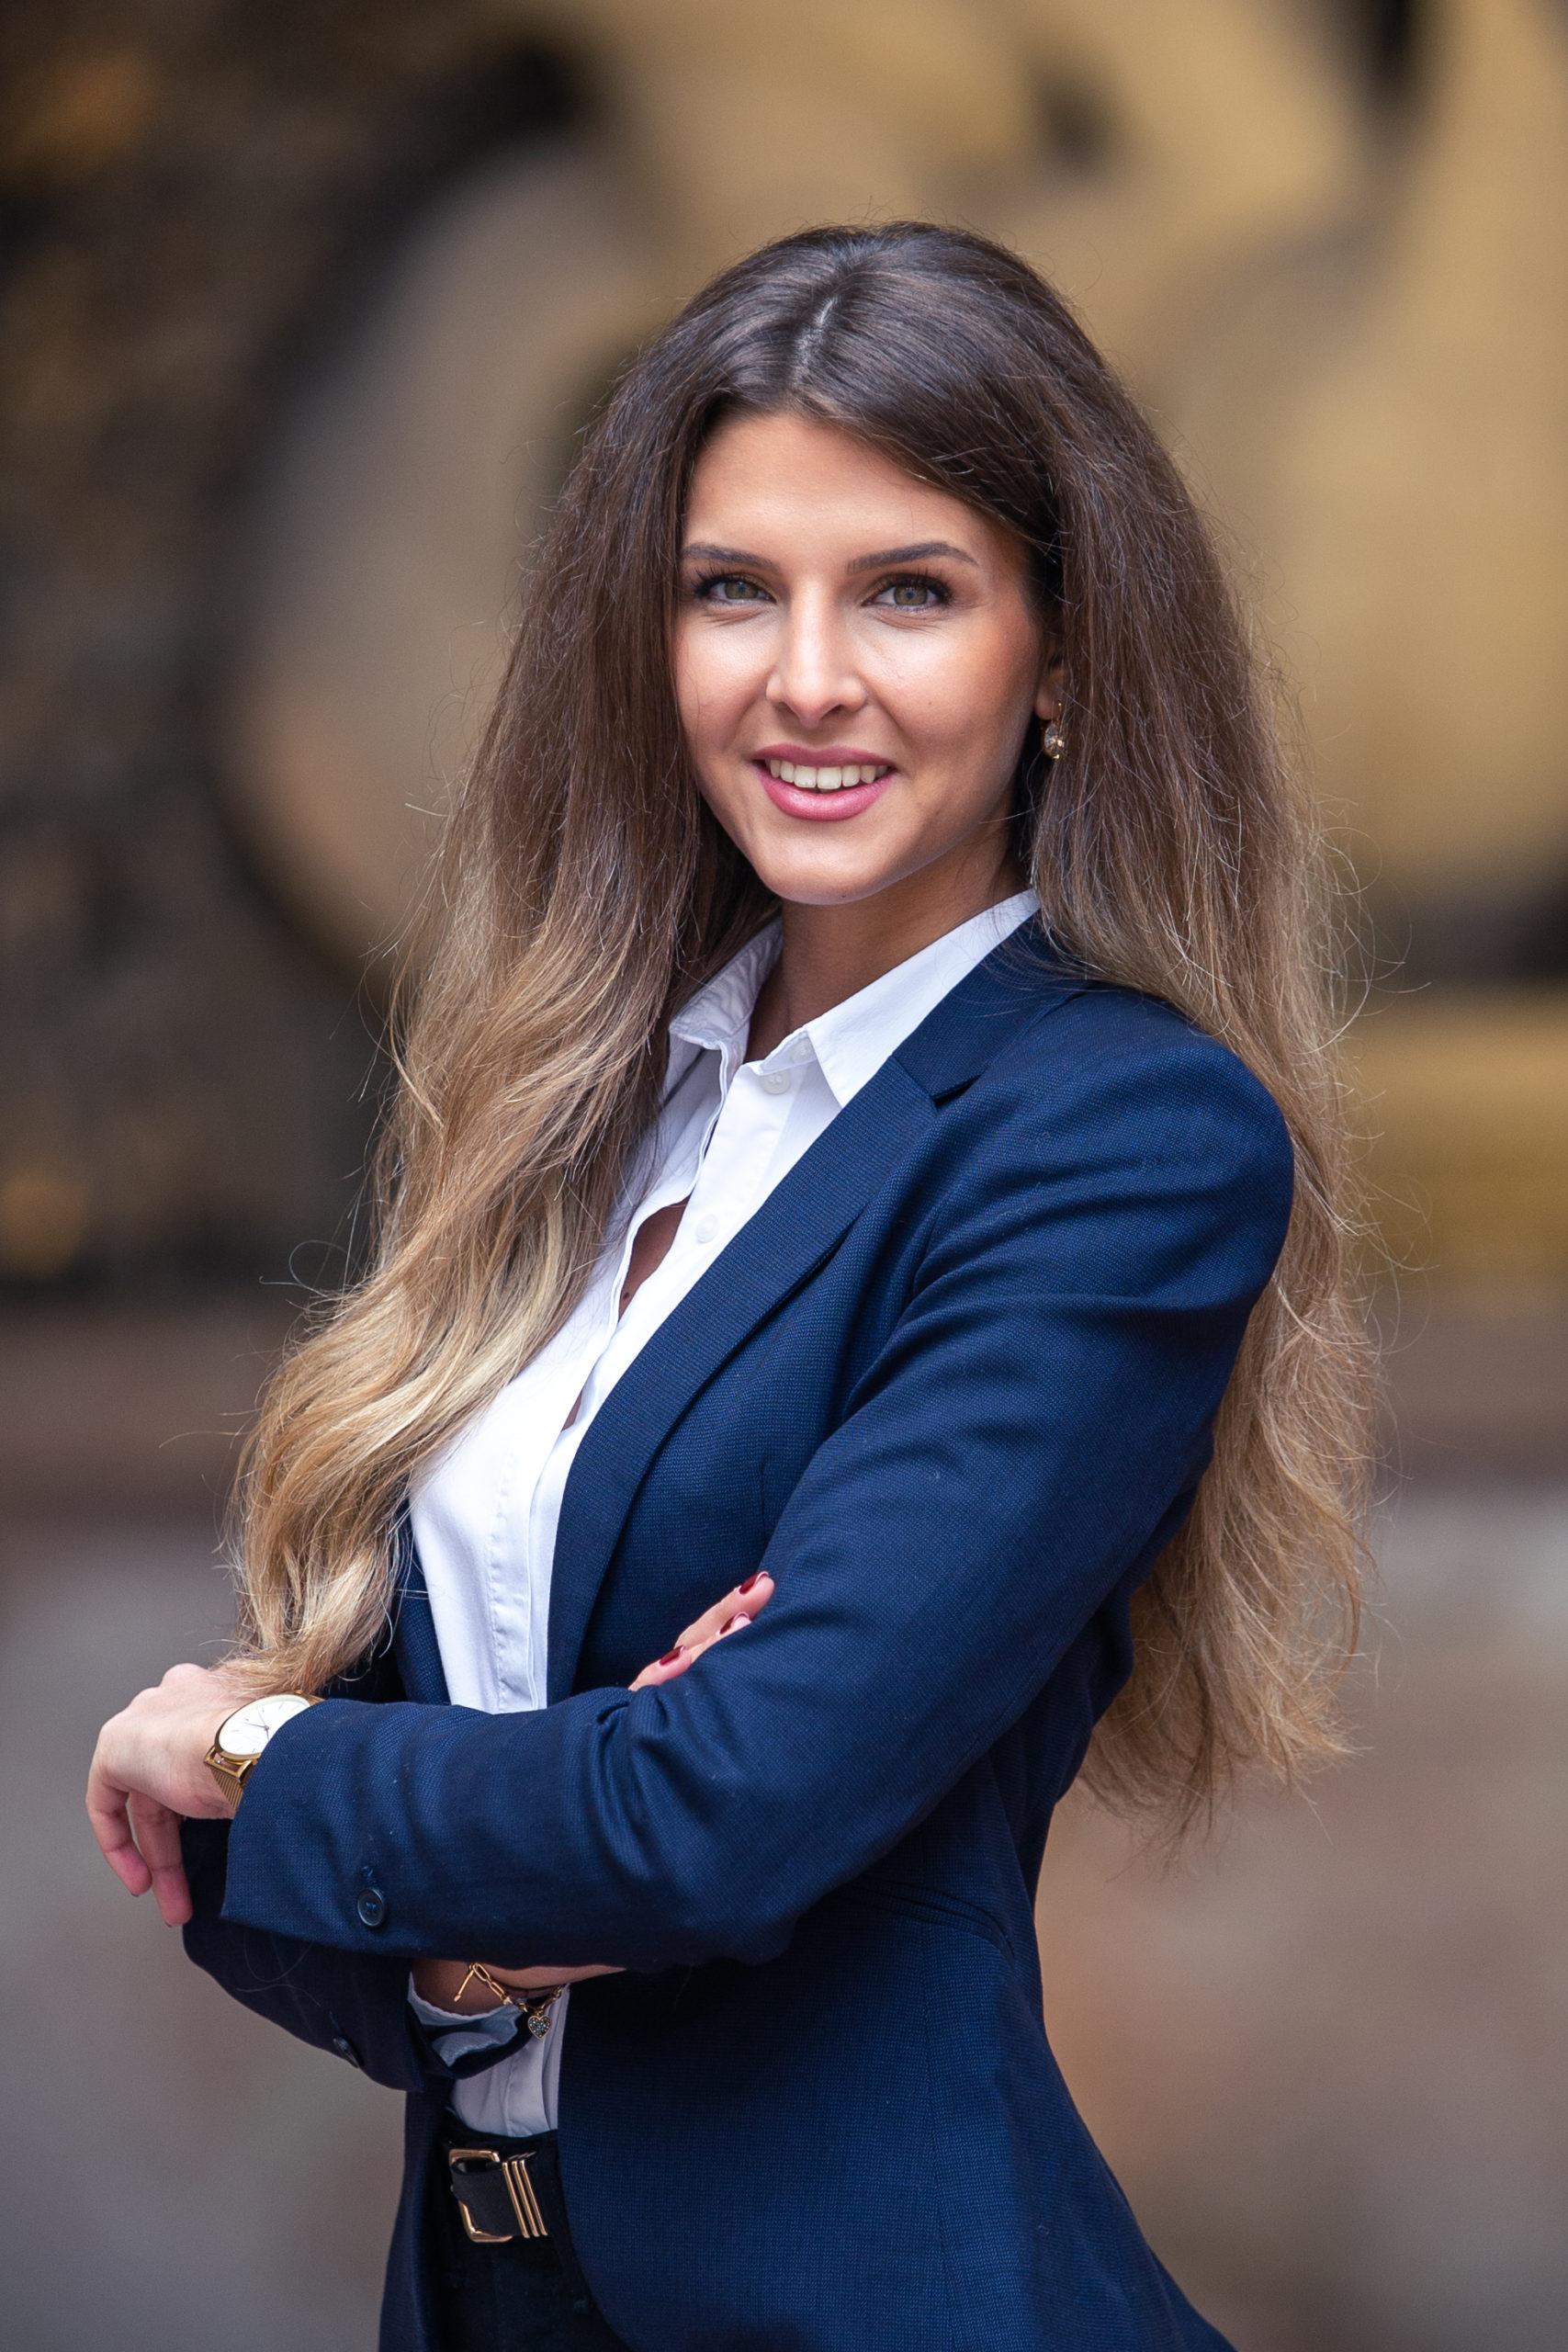 Ivana Nisijevic